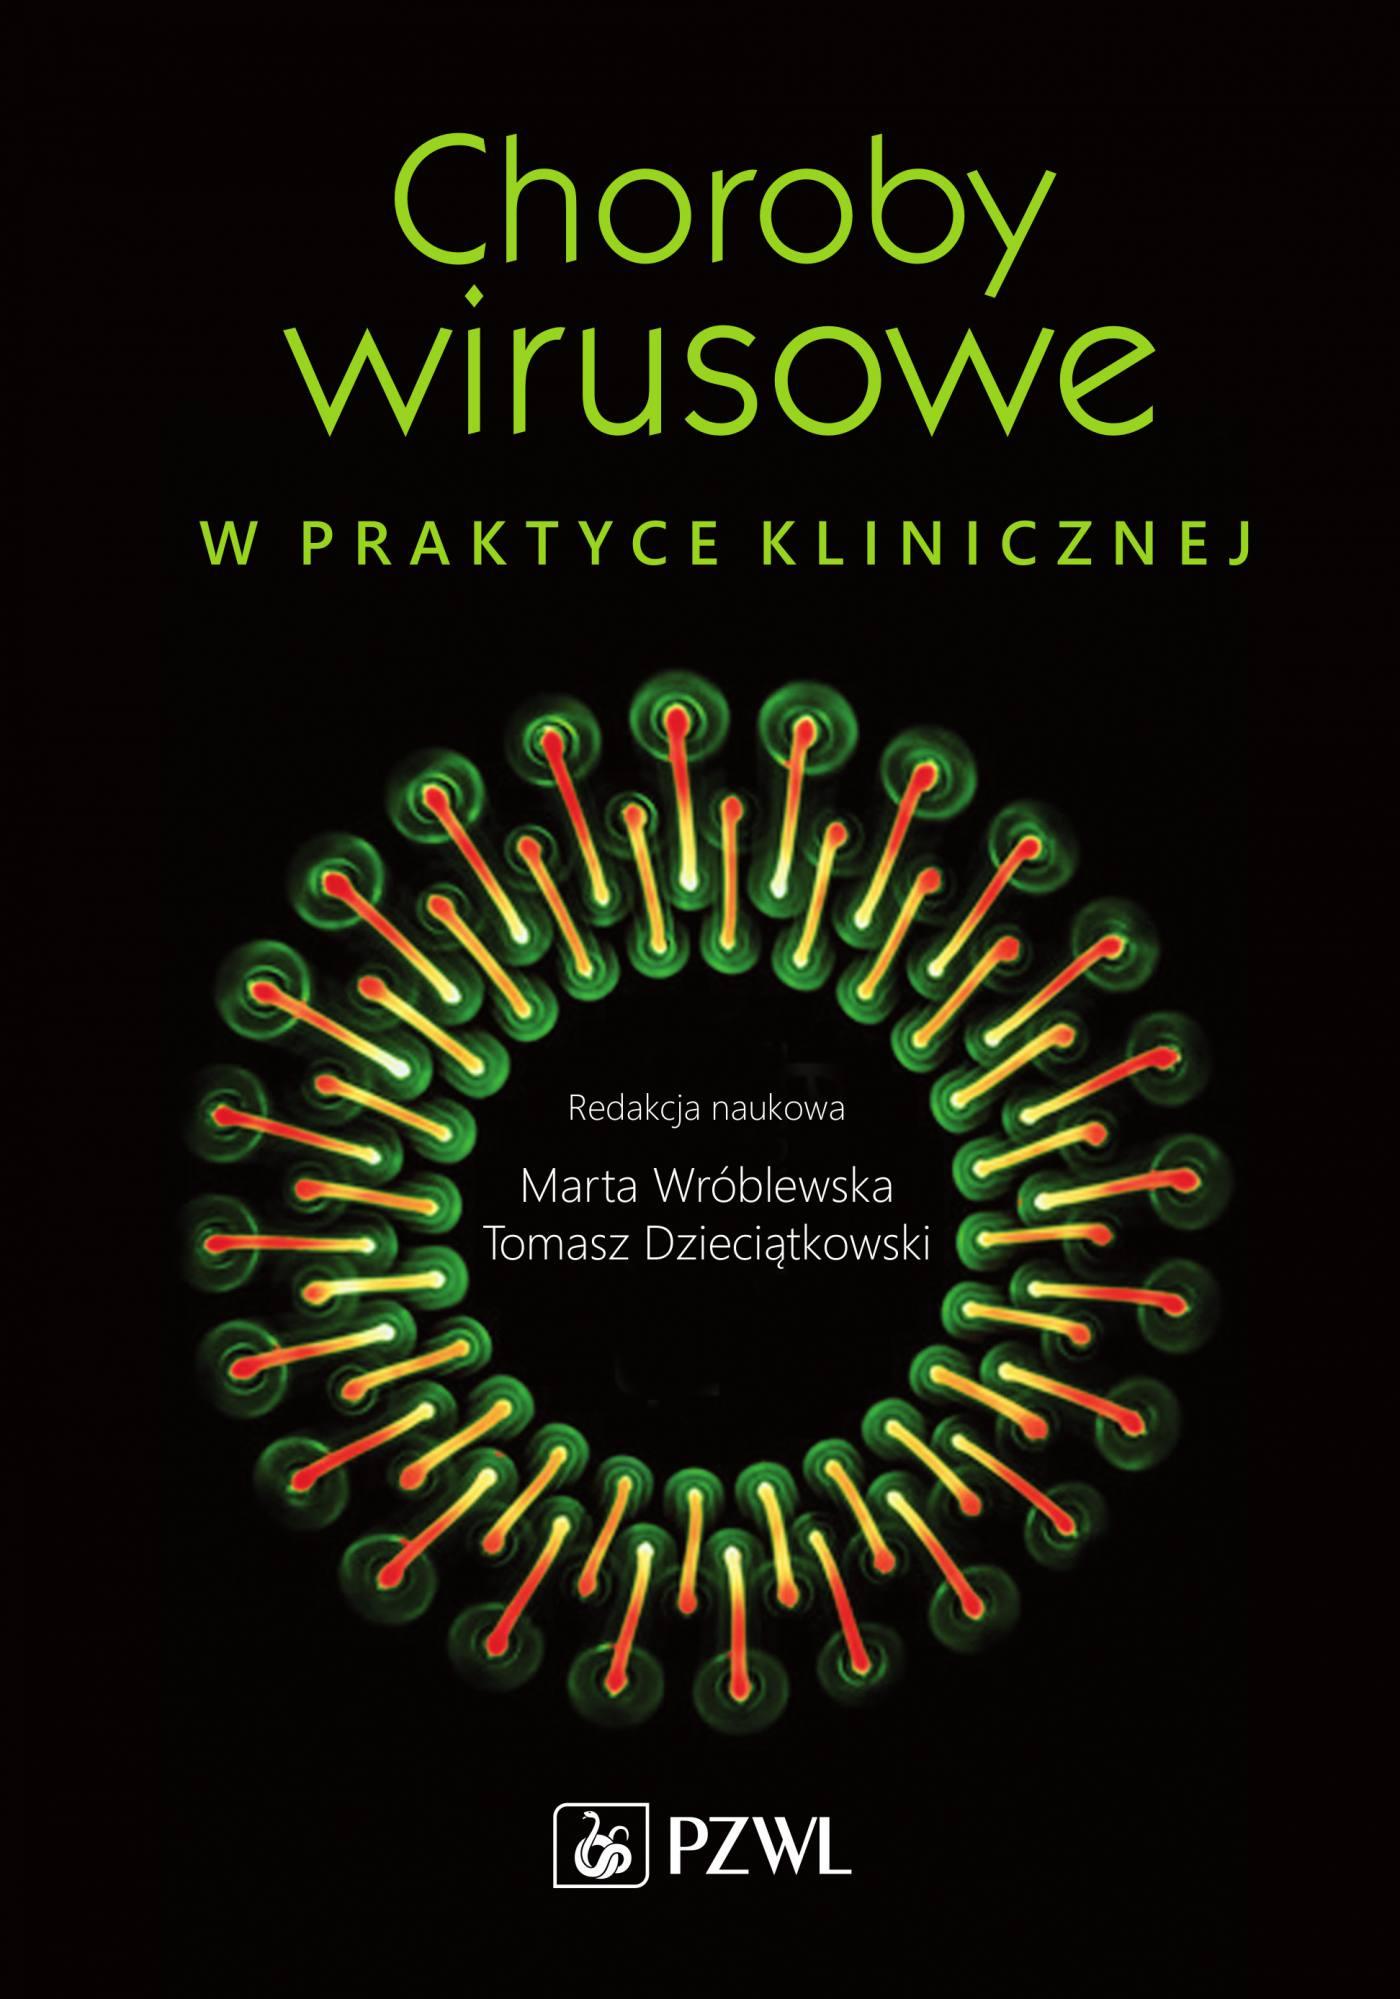 Choroby wirusowe w praktyce klinicznej - Ebook (Książka na Kindle) do pobrania w formacie MOBI